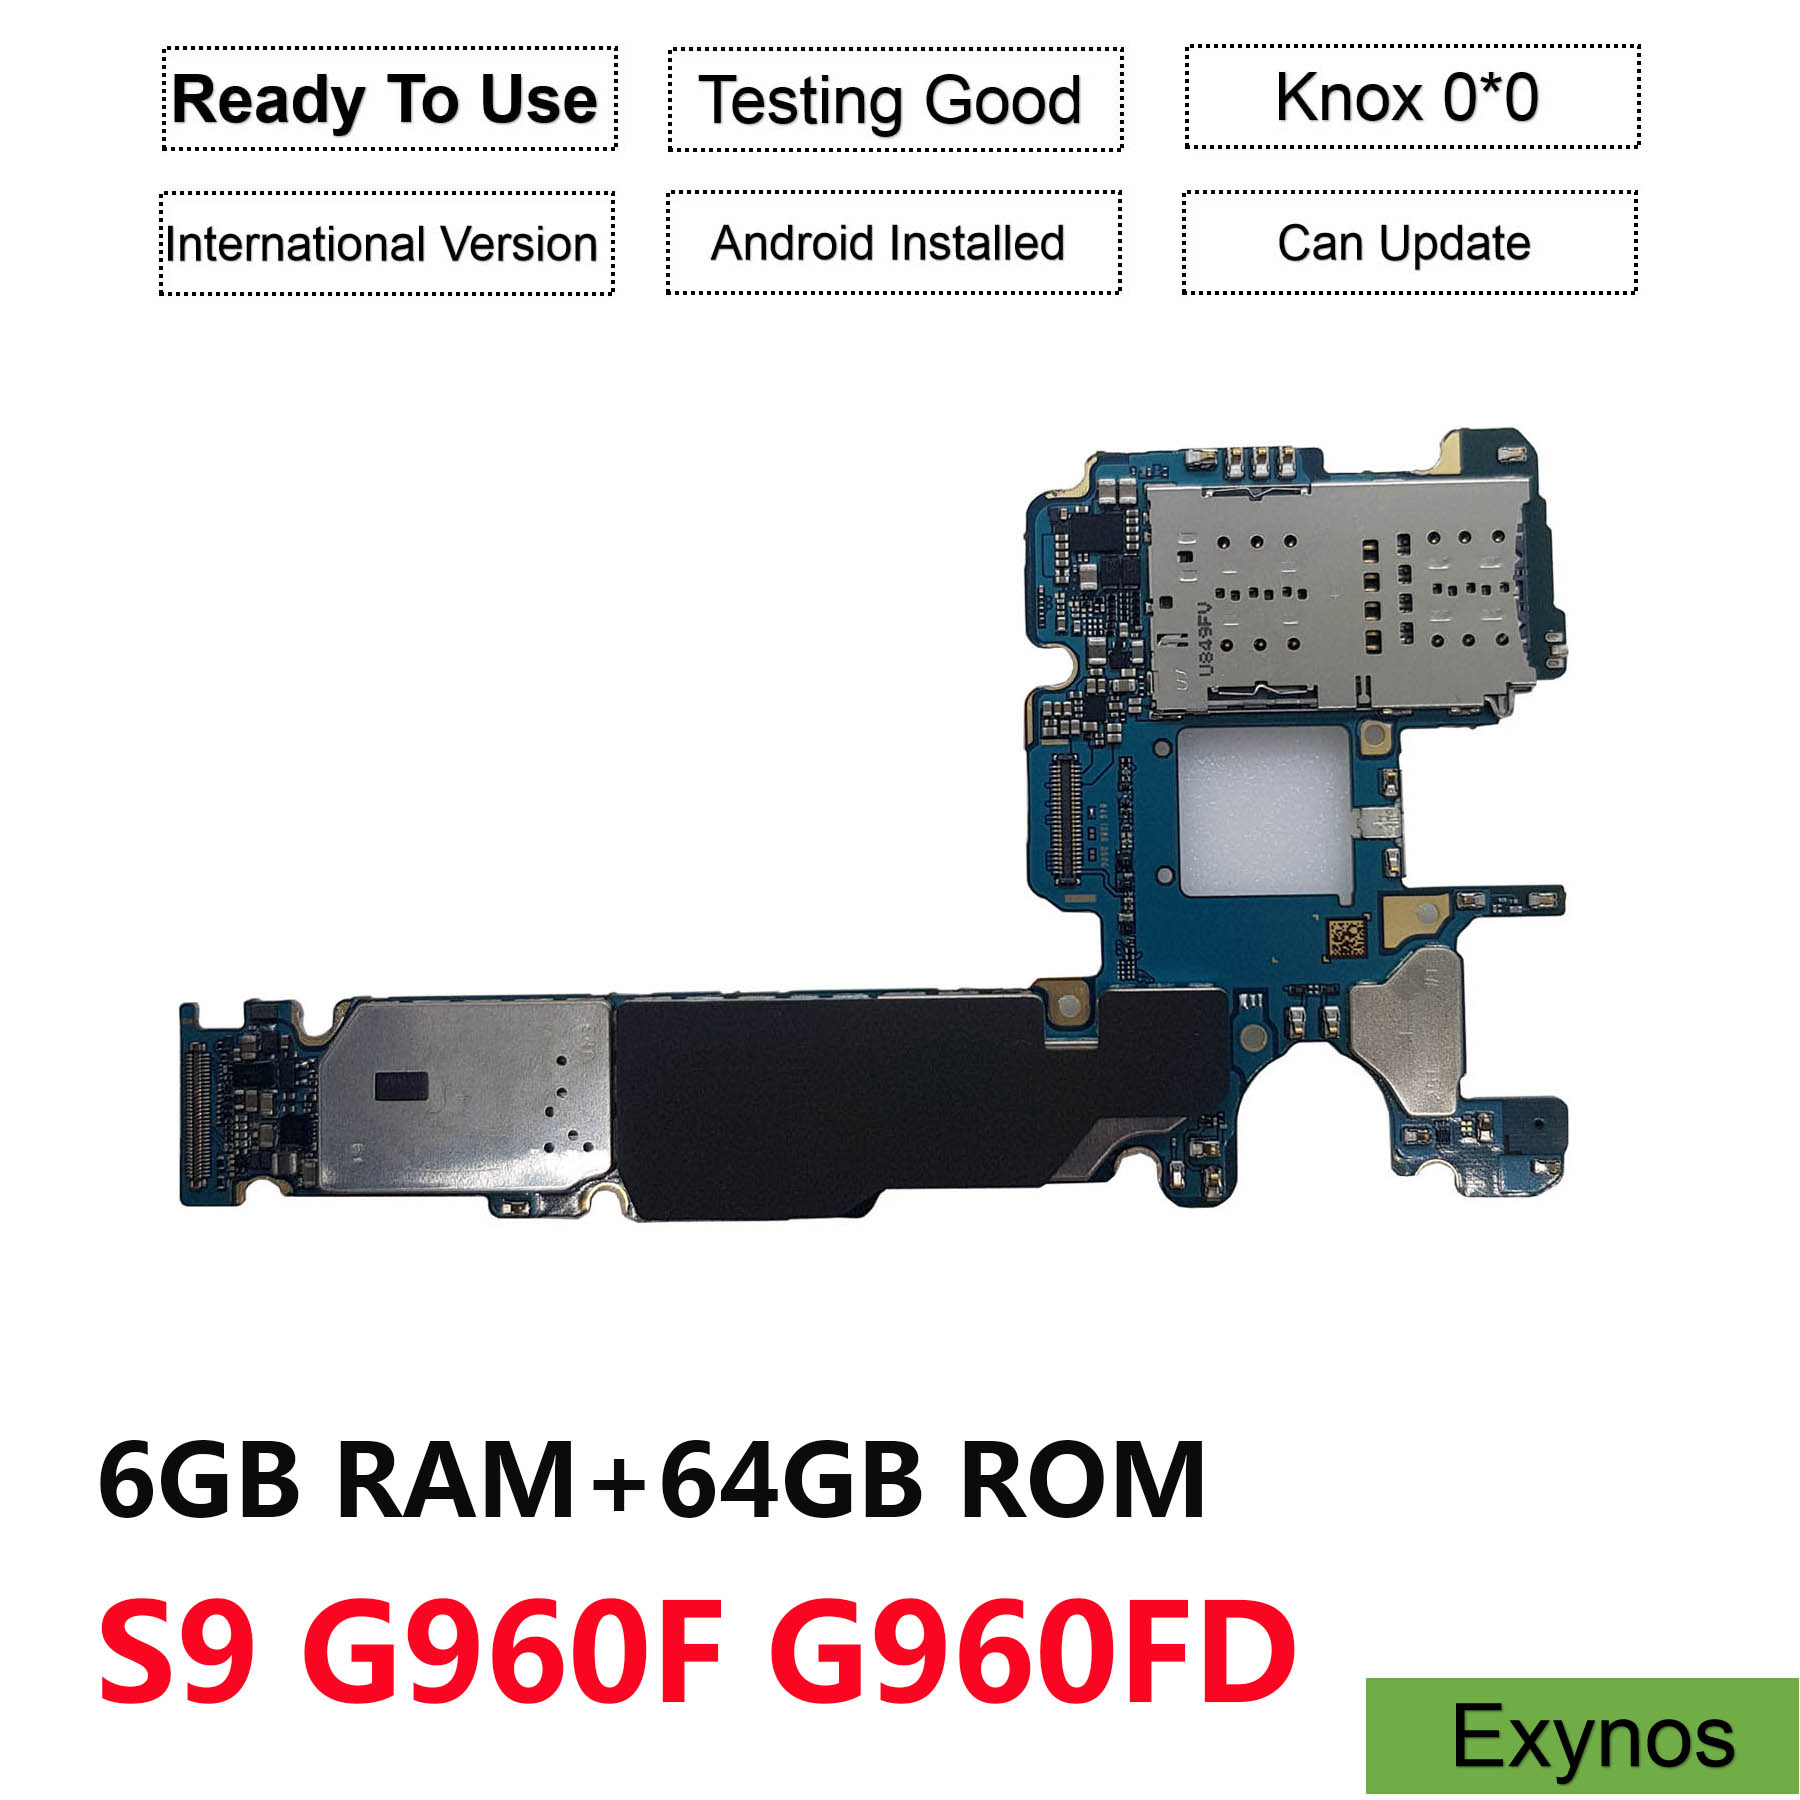 Оригинальная материнская плата для samsung Galaxy S9 G960F G960FD (G960F/DS) 64 Гб разблокированная материнская плата с двумя sim картами (Exynos